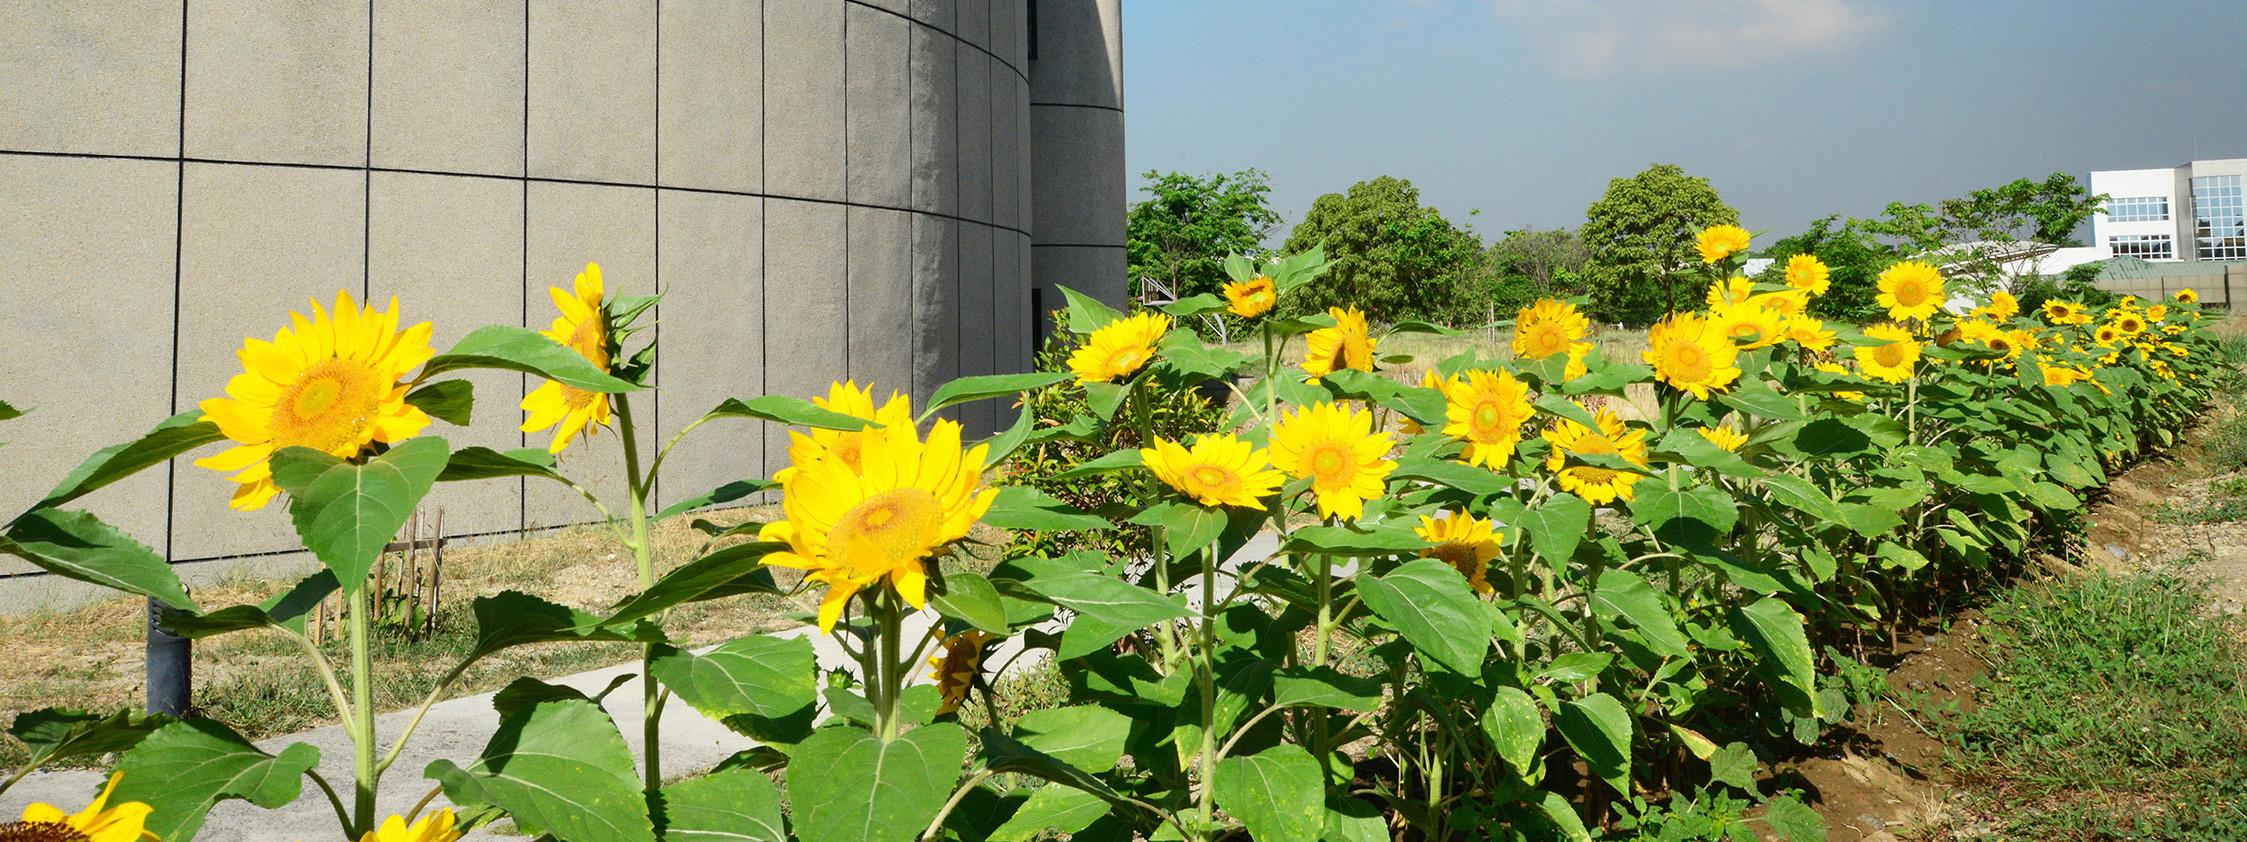 Sunflowers at NIP